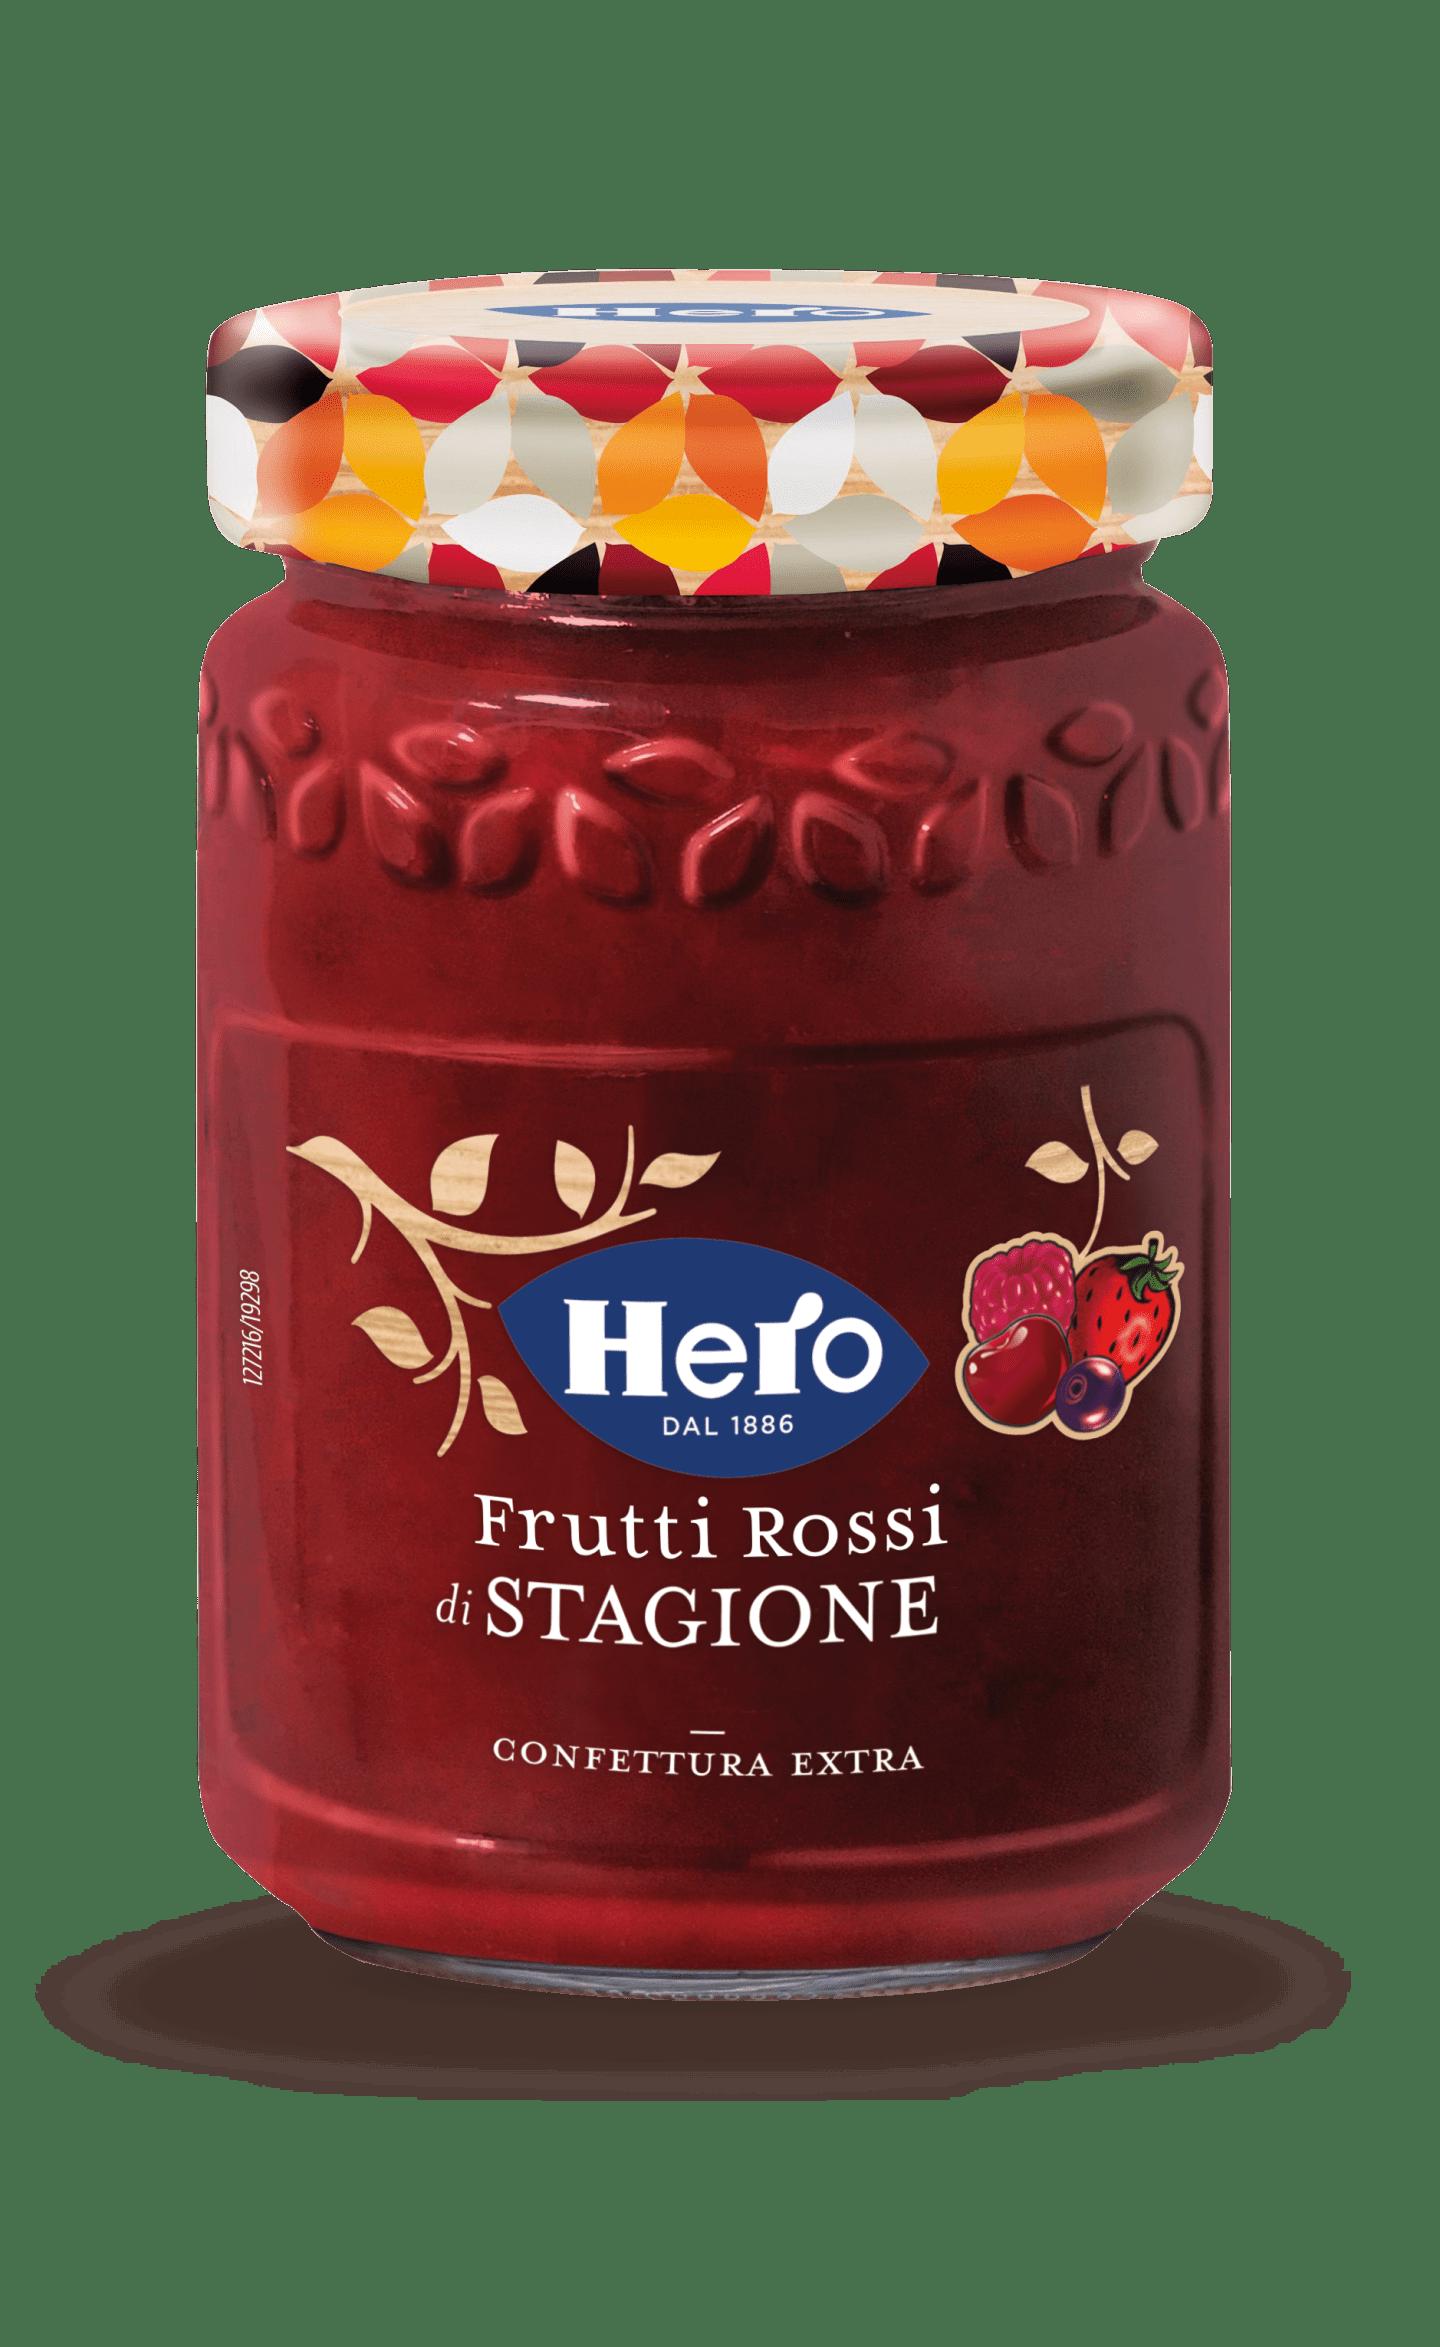 Hero_FdS_3D_FruttiRossi